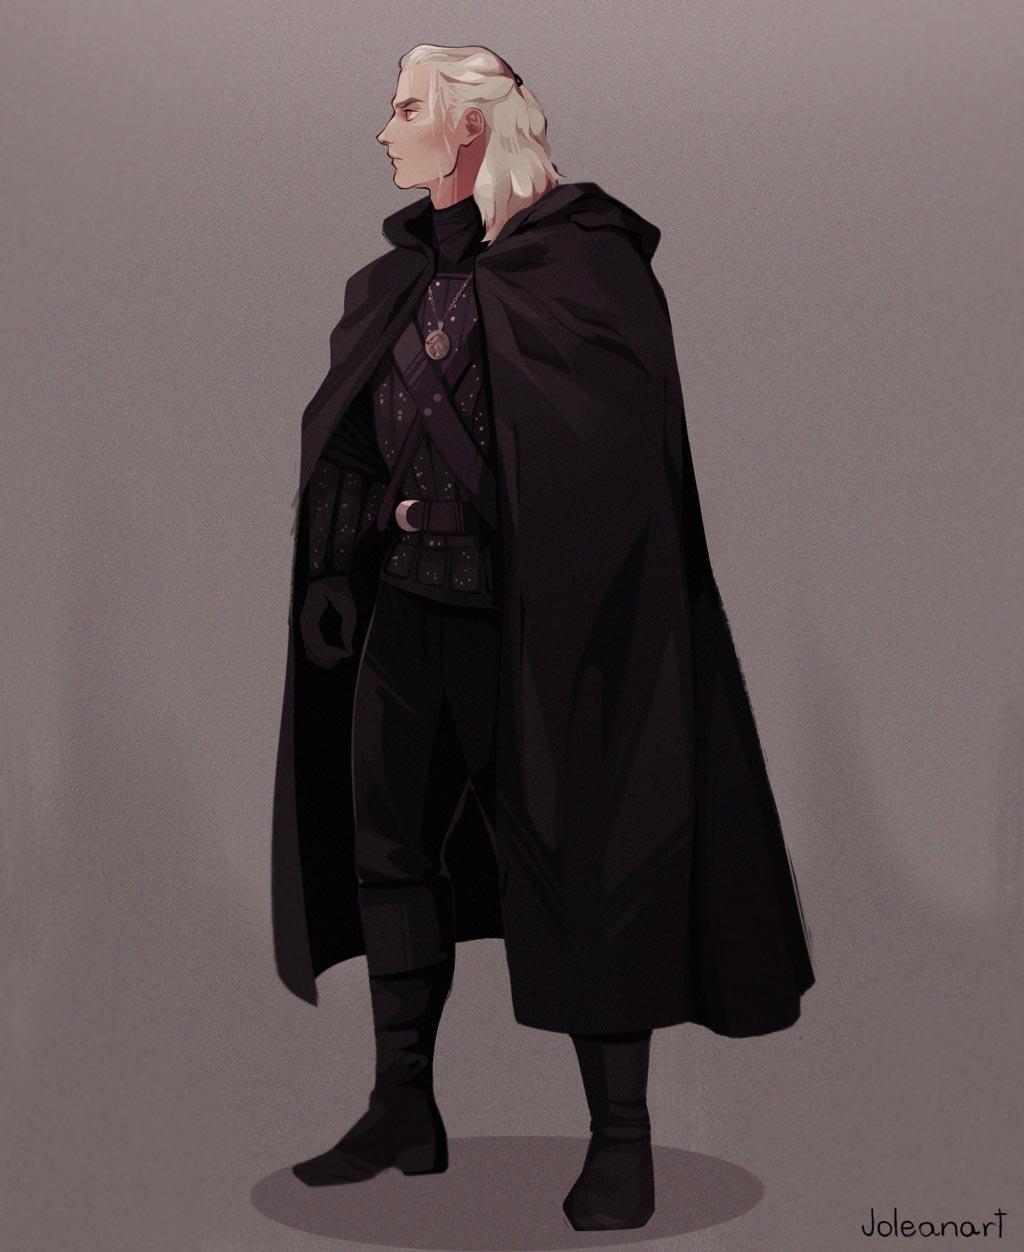 The Witcher fanart by ☆ juju ☆